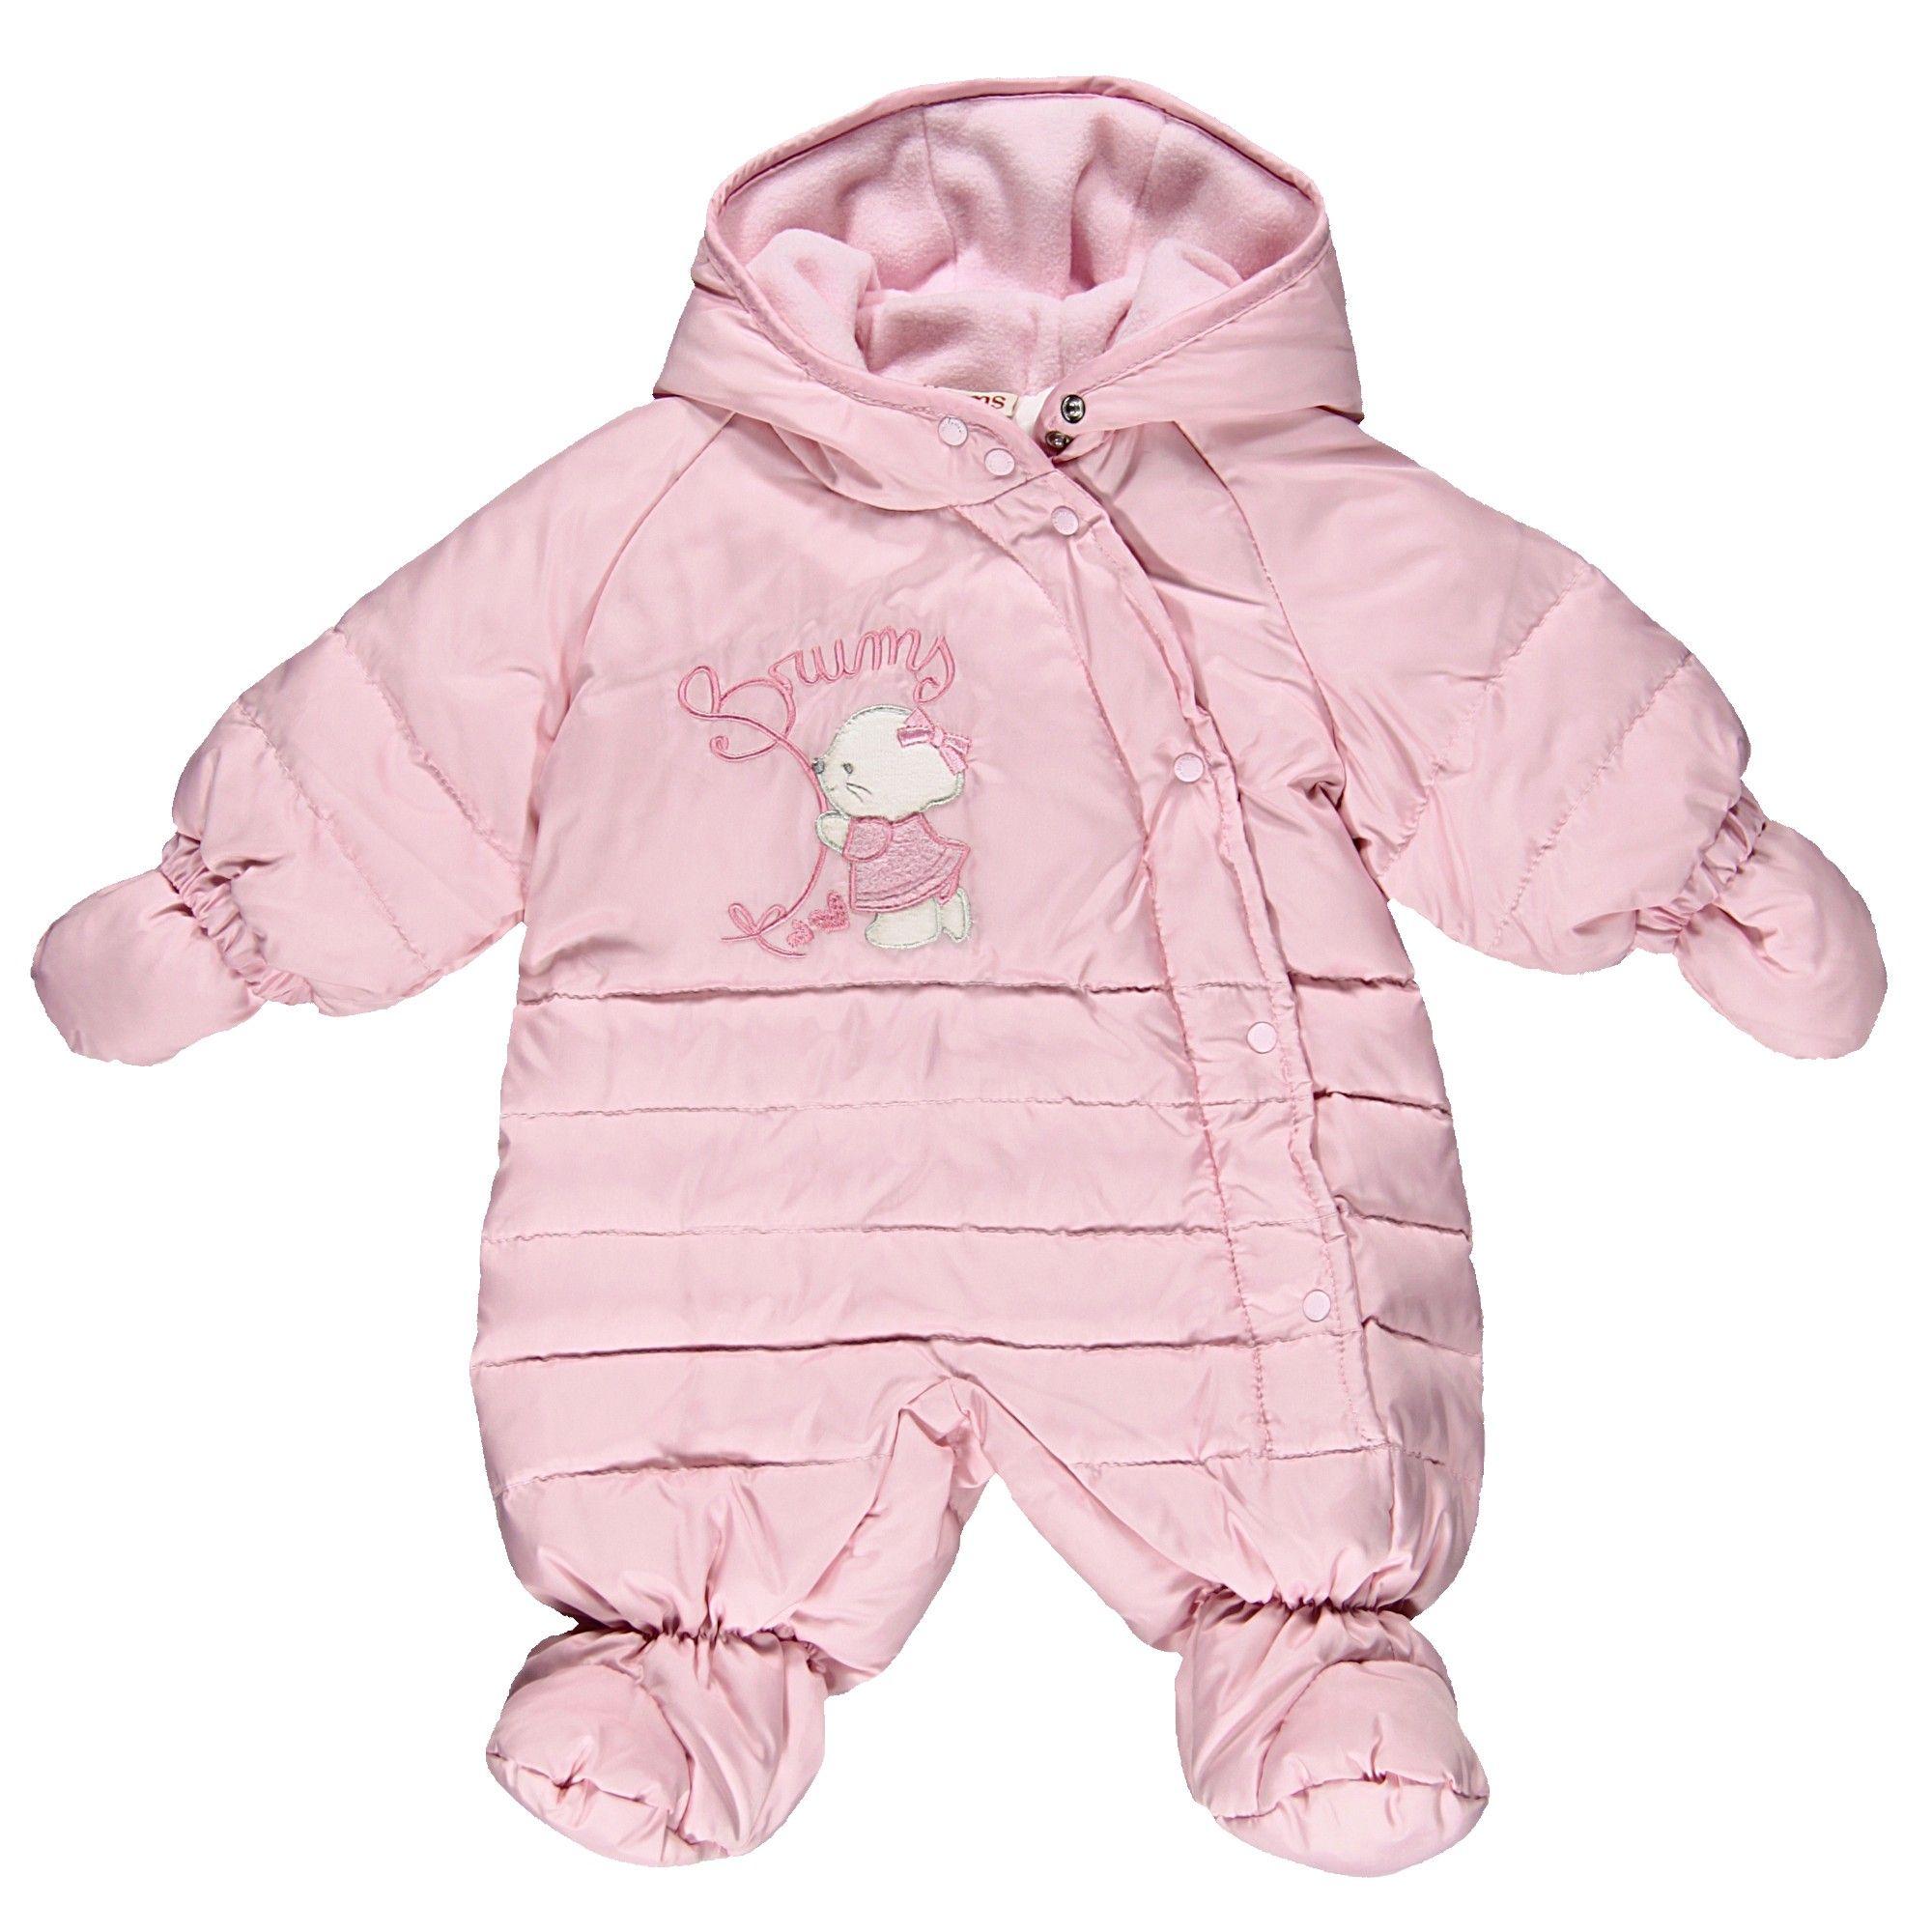 Tutone neve rosa con ricamoDa Neonata | Abbigliamento Store